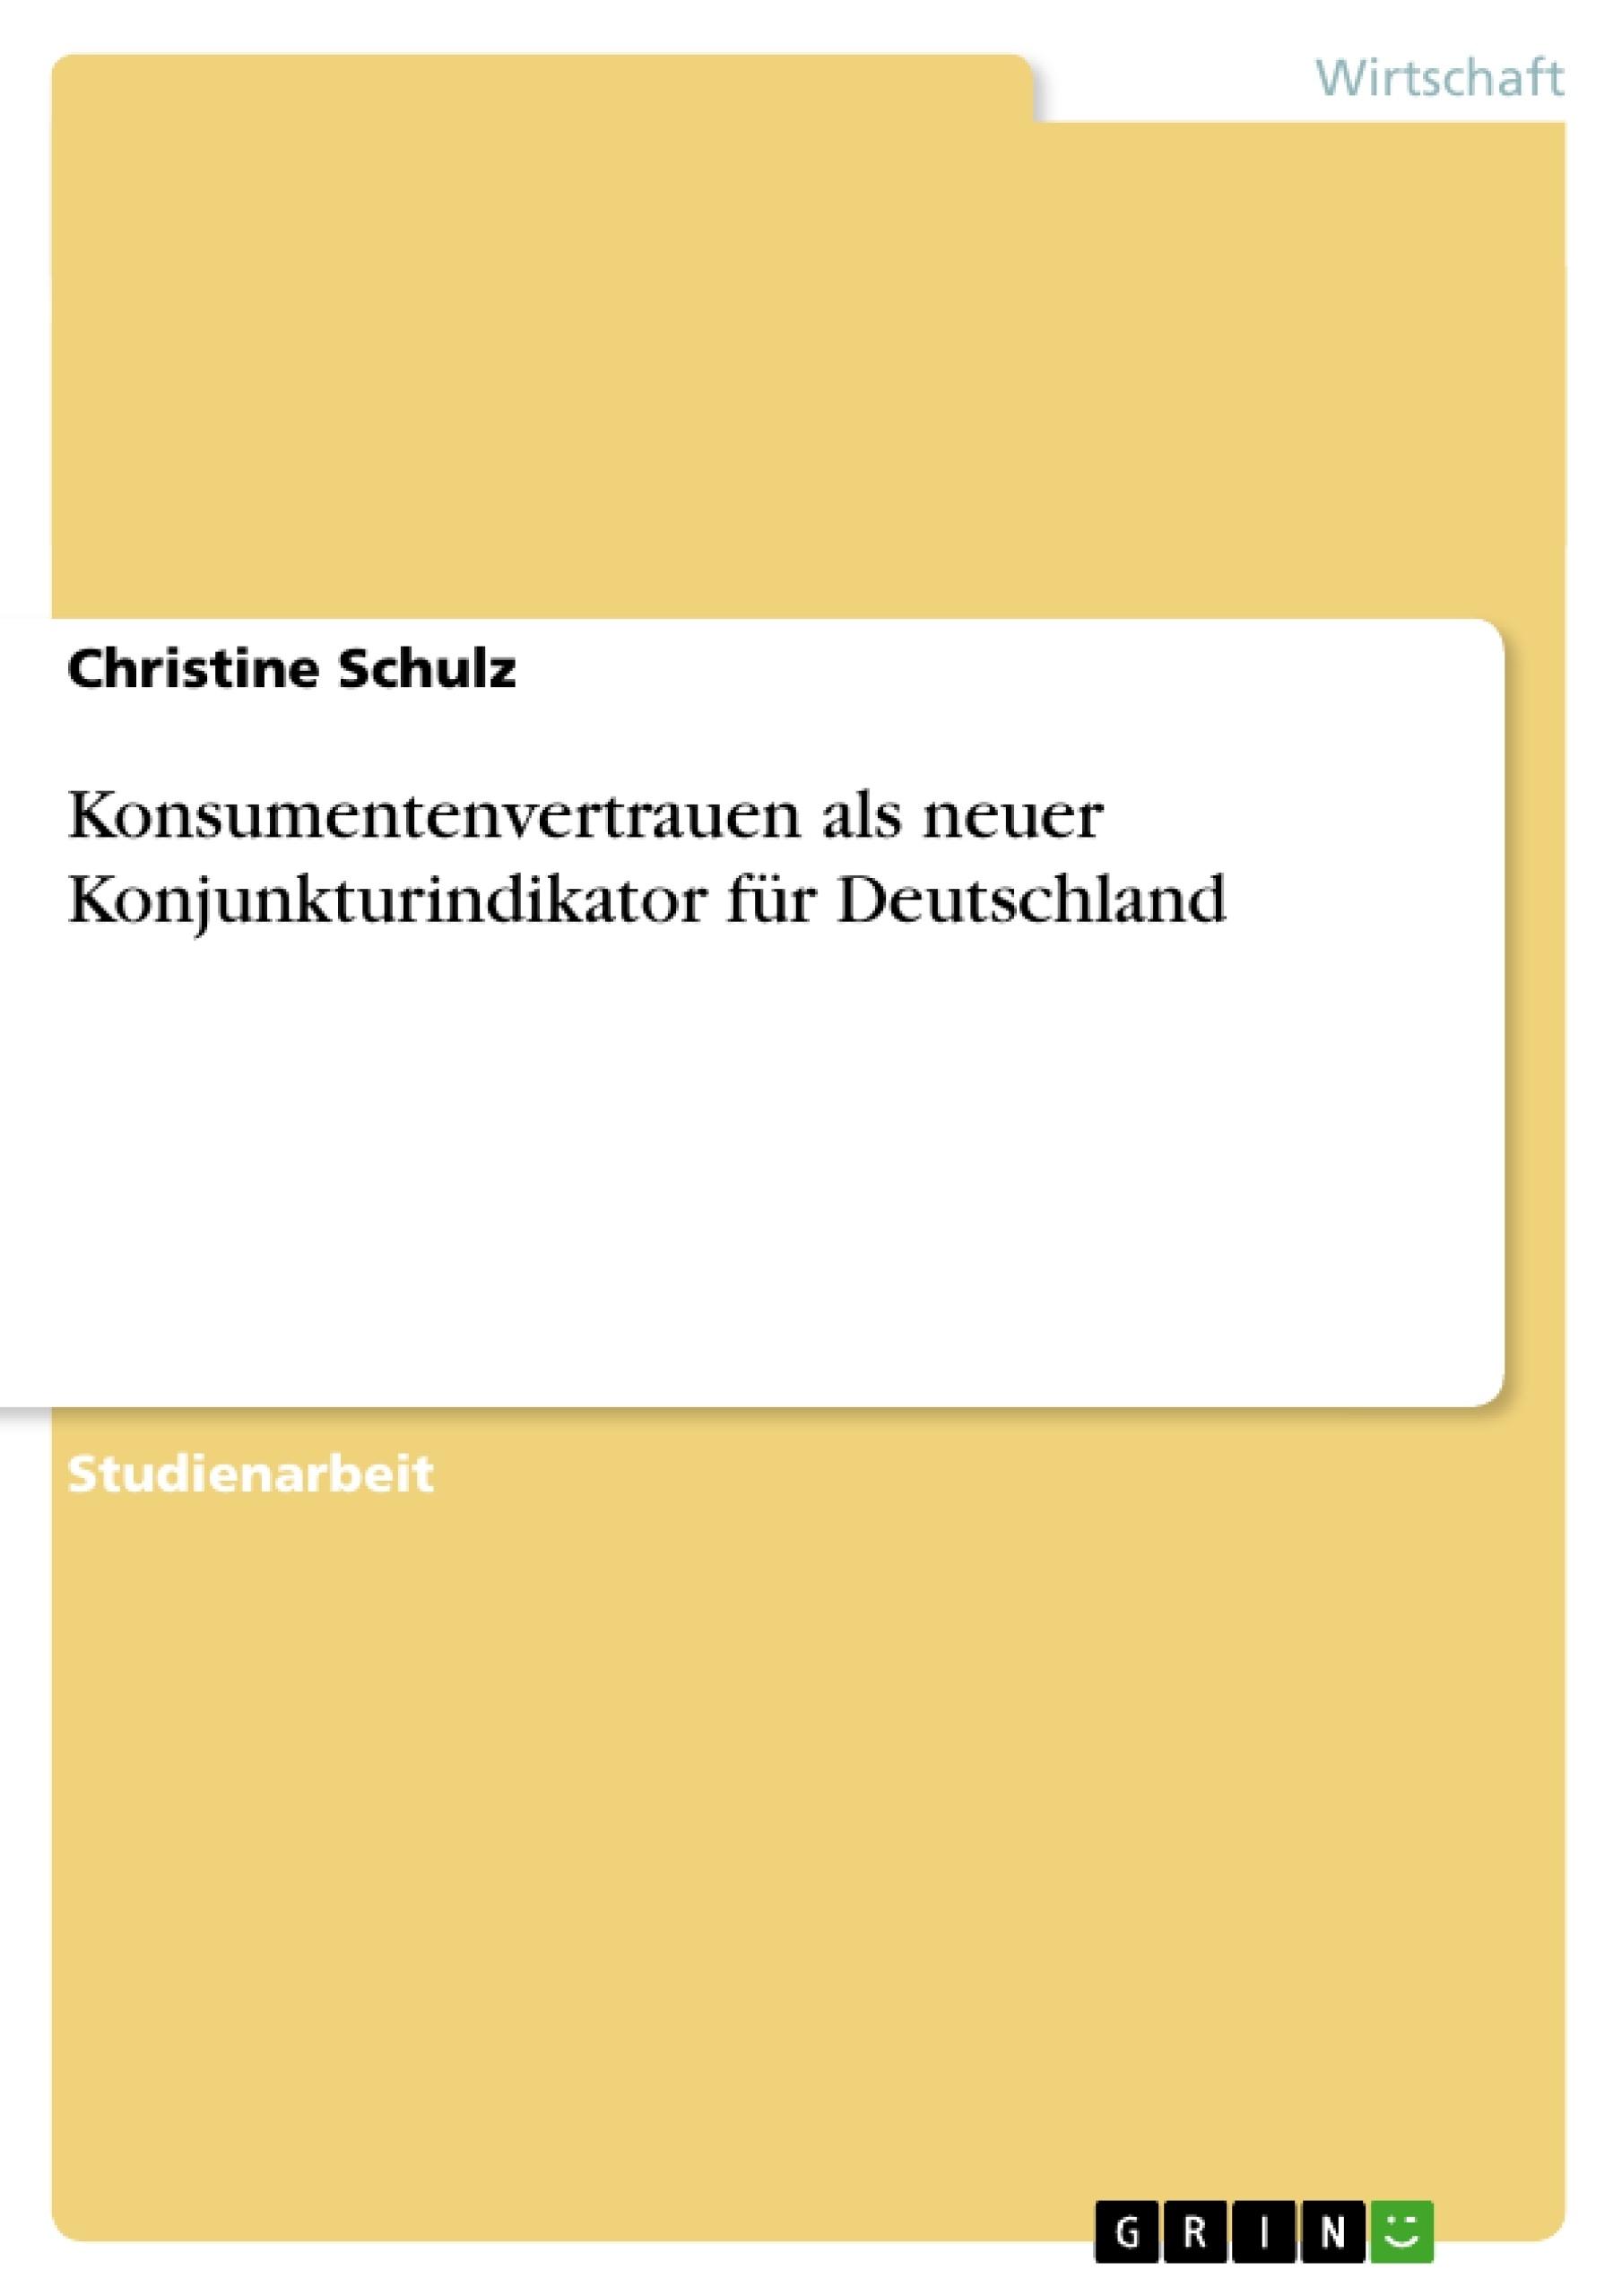 Titel: Konsumentenvertrauen als neuer Konjunkturindikator für Deutschland